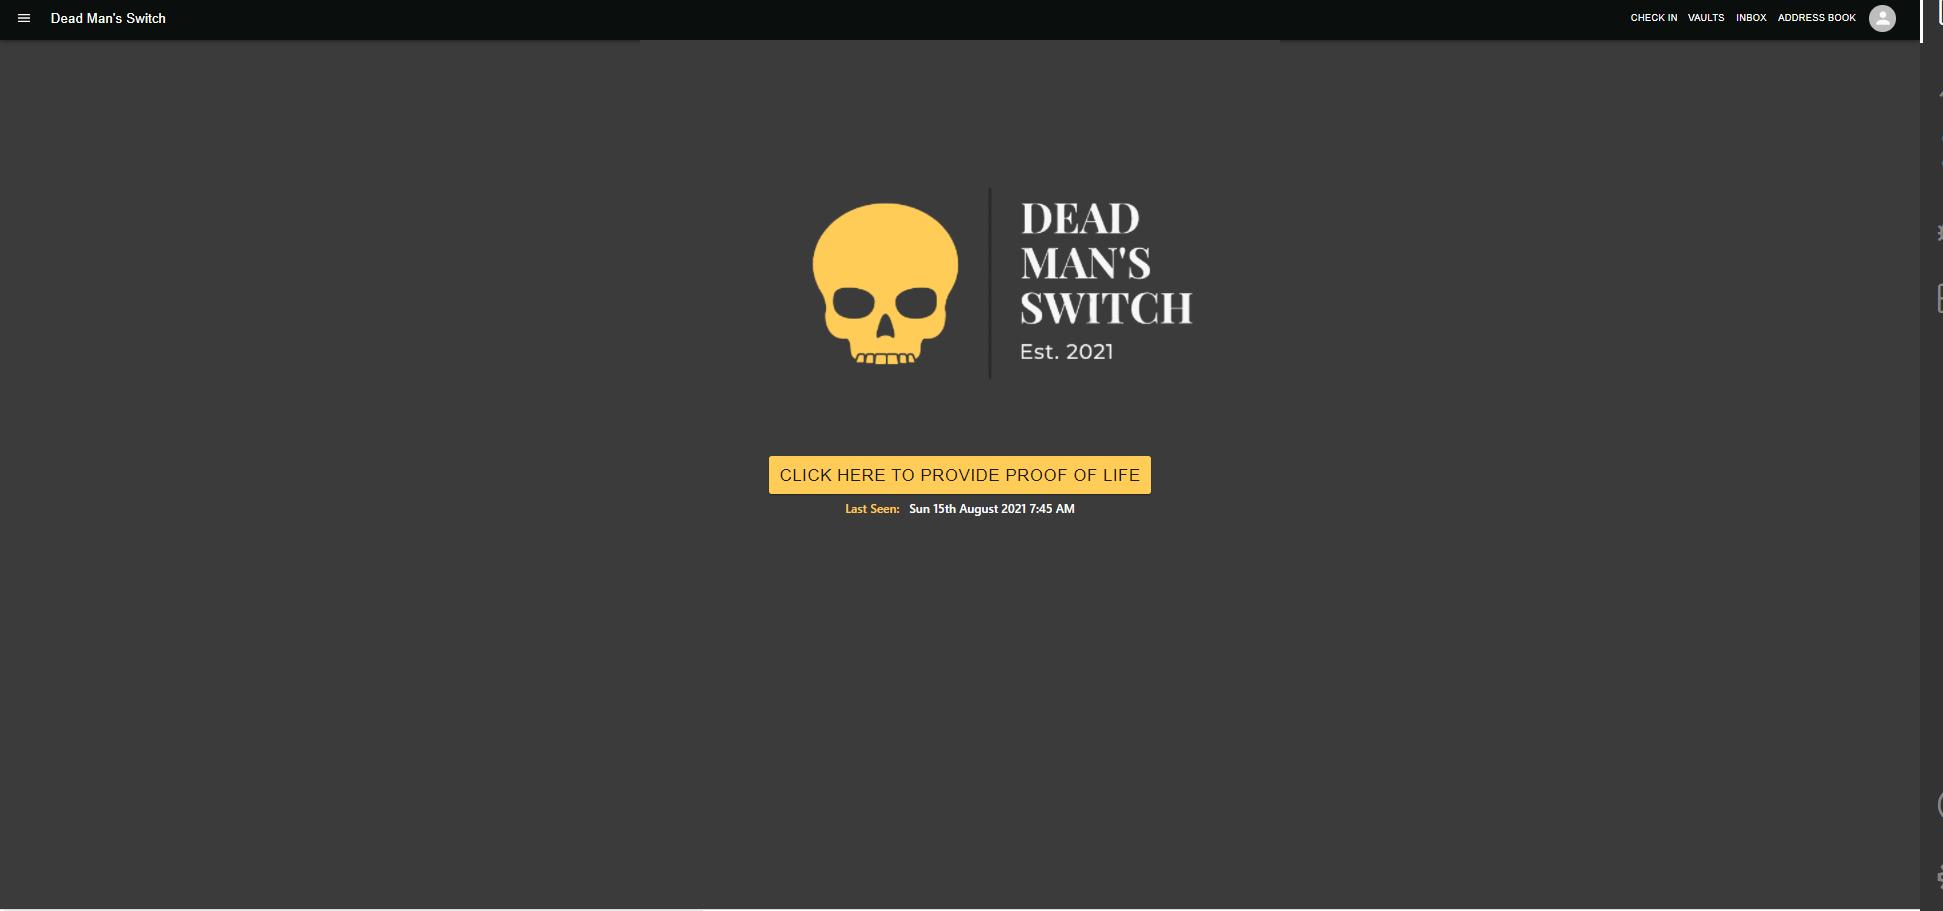 Dead Man's Switch showcase